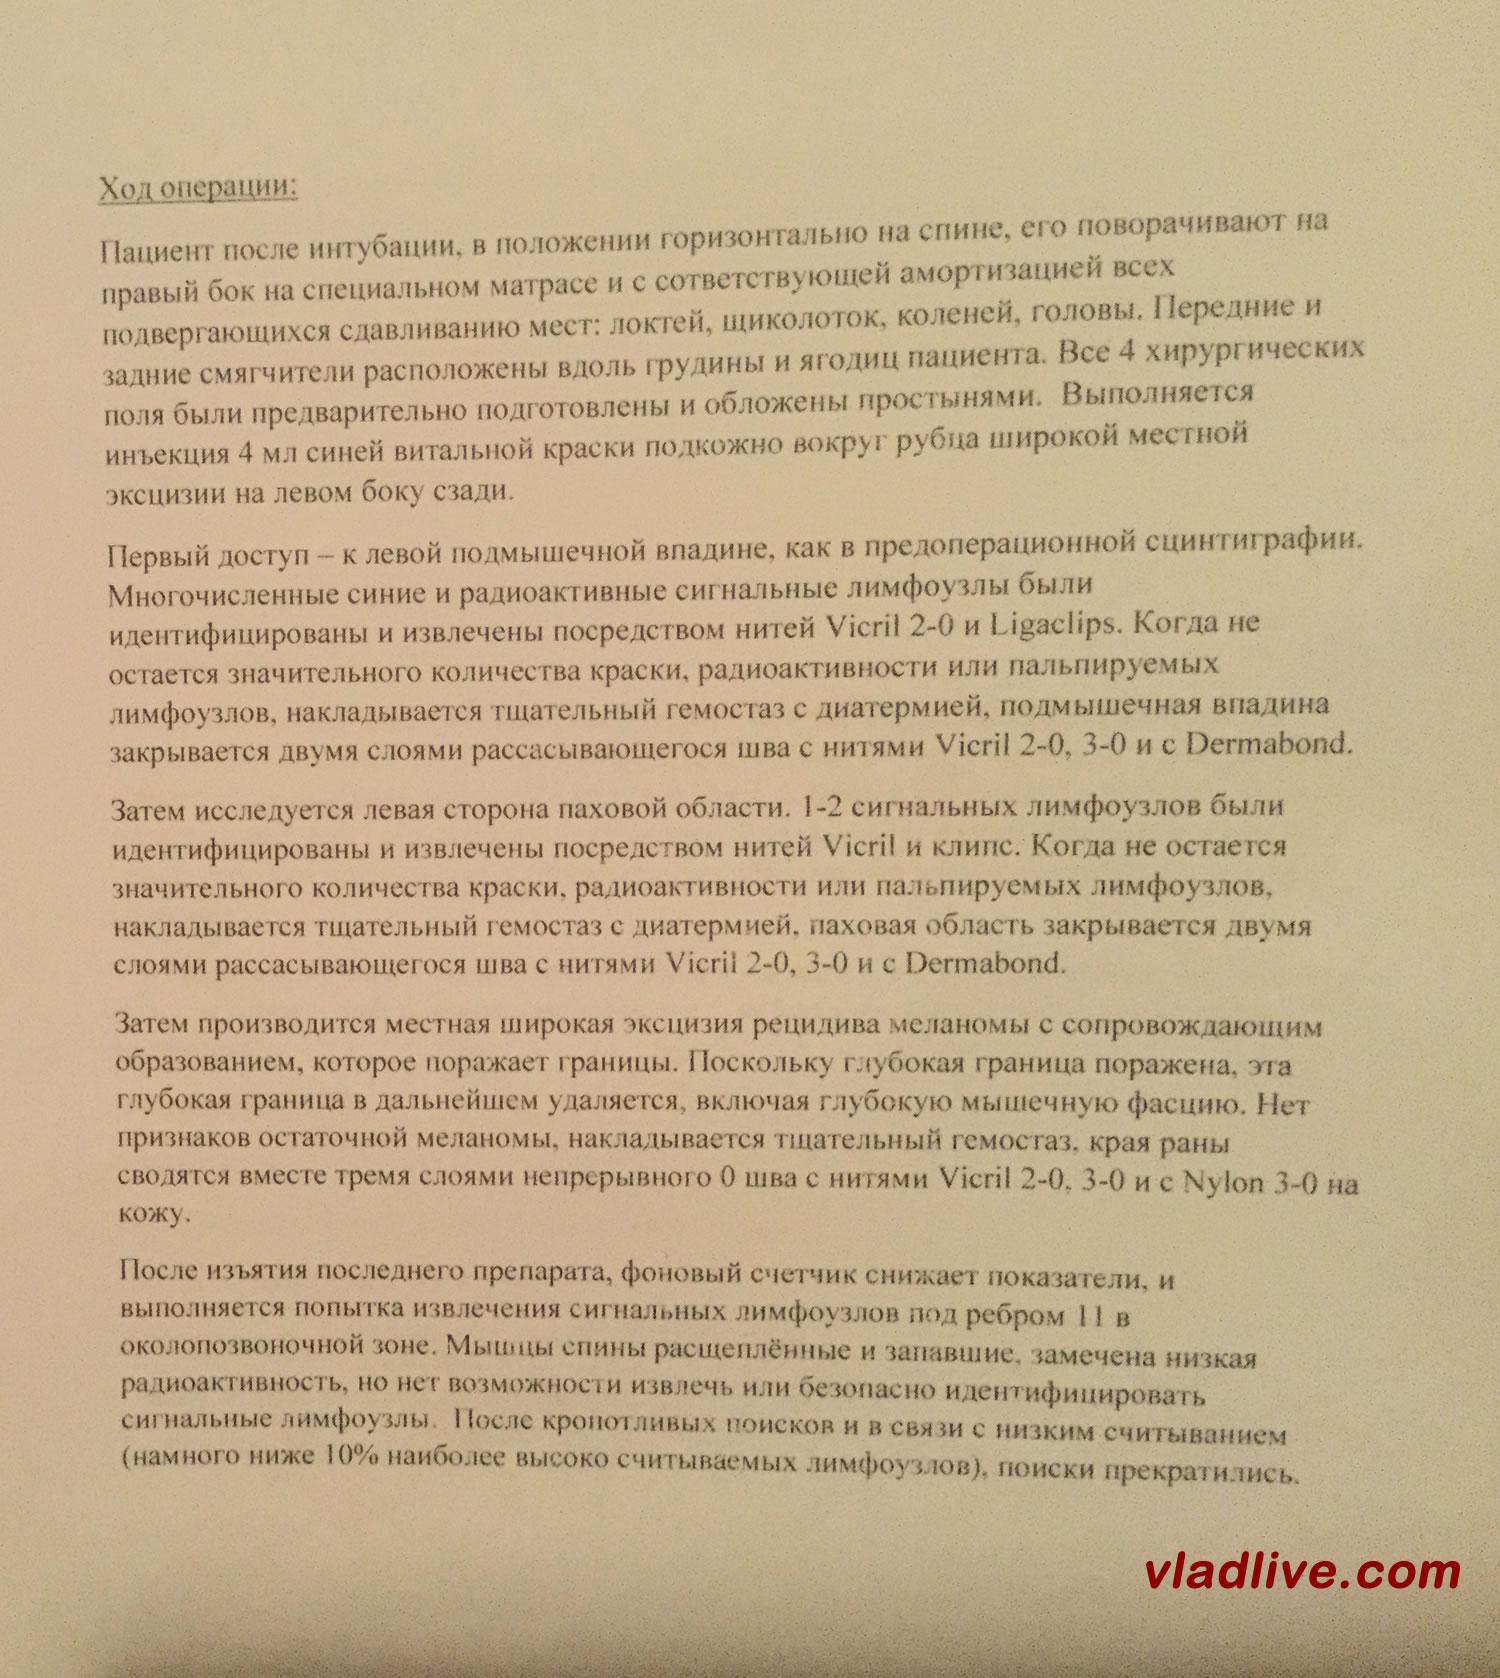 Лечение меланомы. Биопсия сторожевых лимфоузлов. Операция.